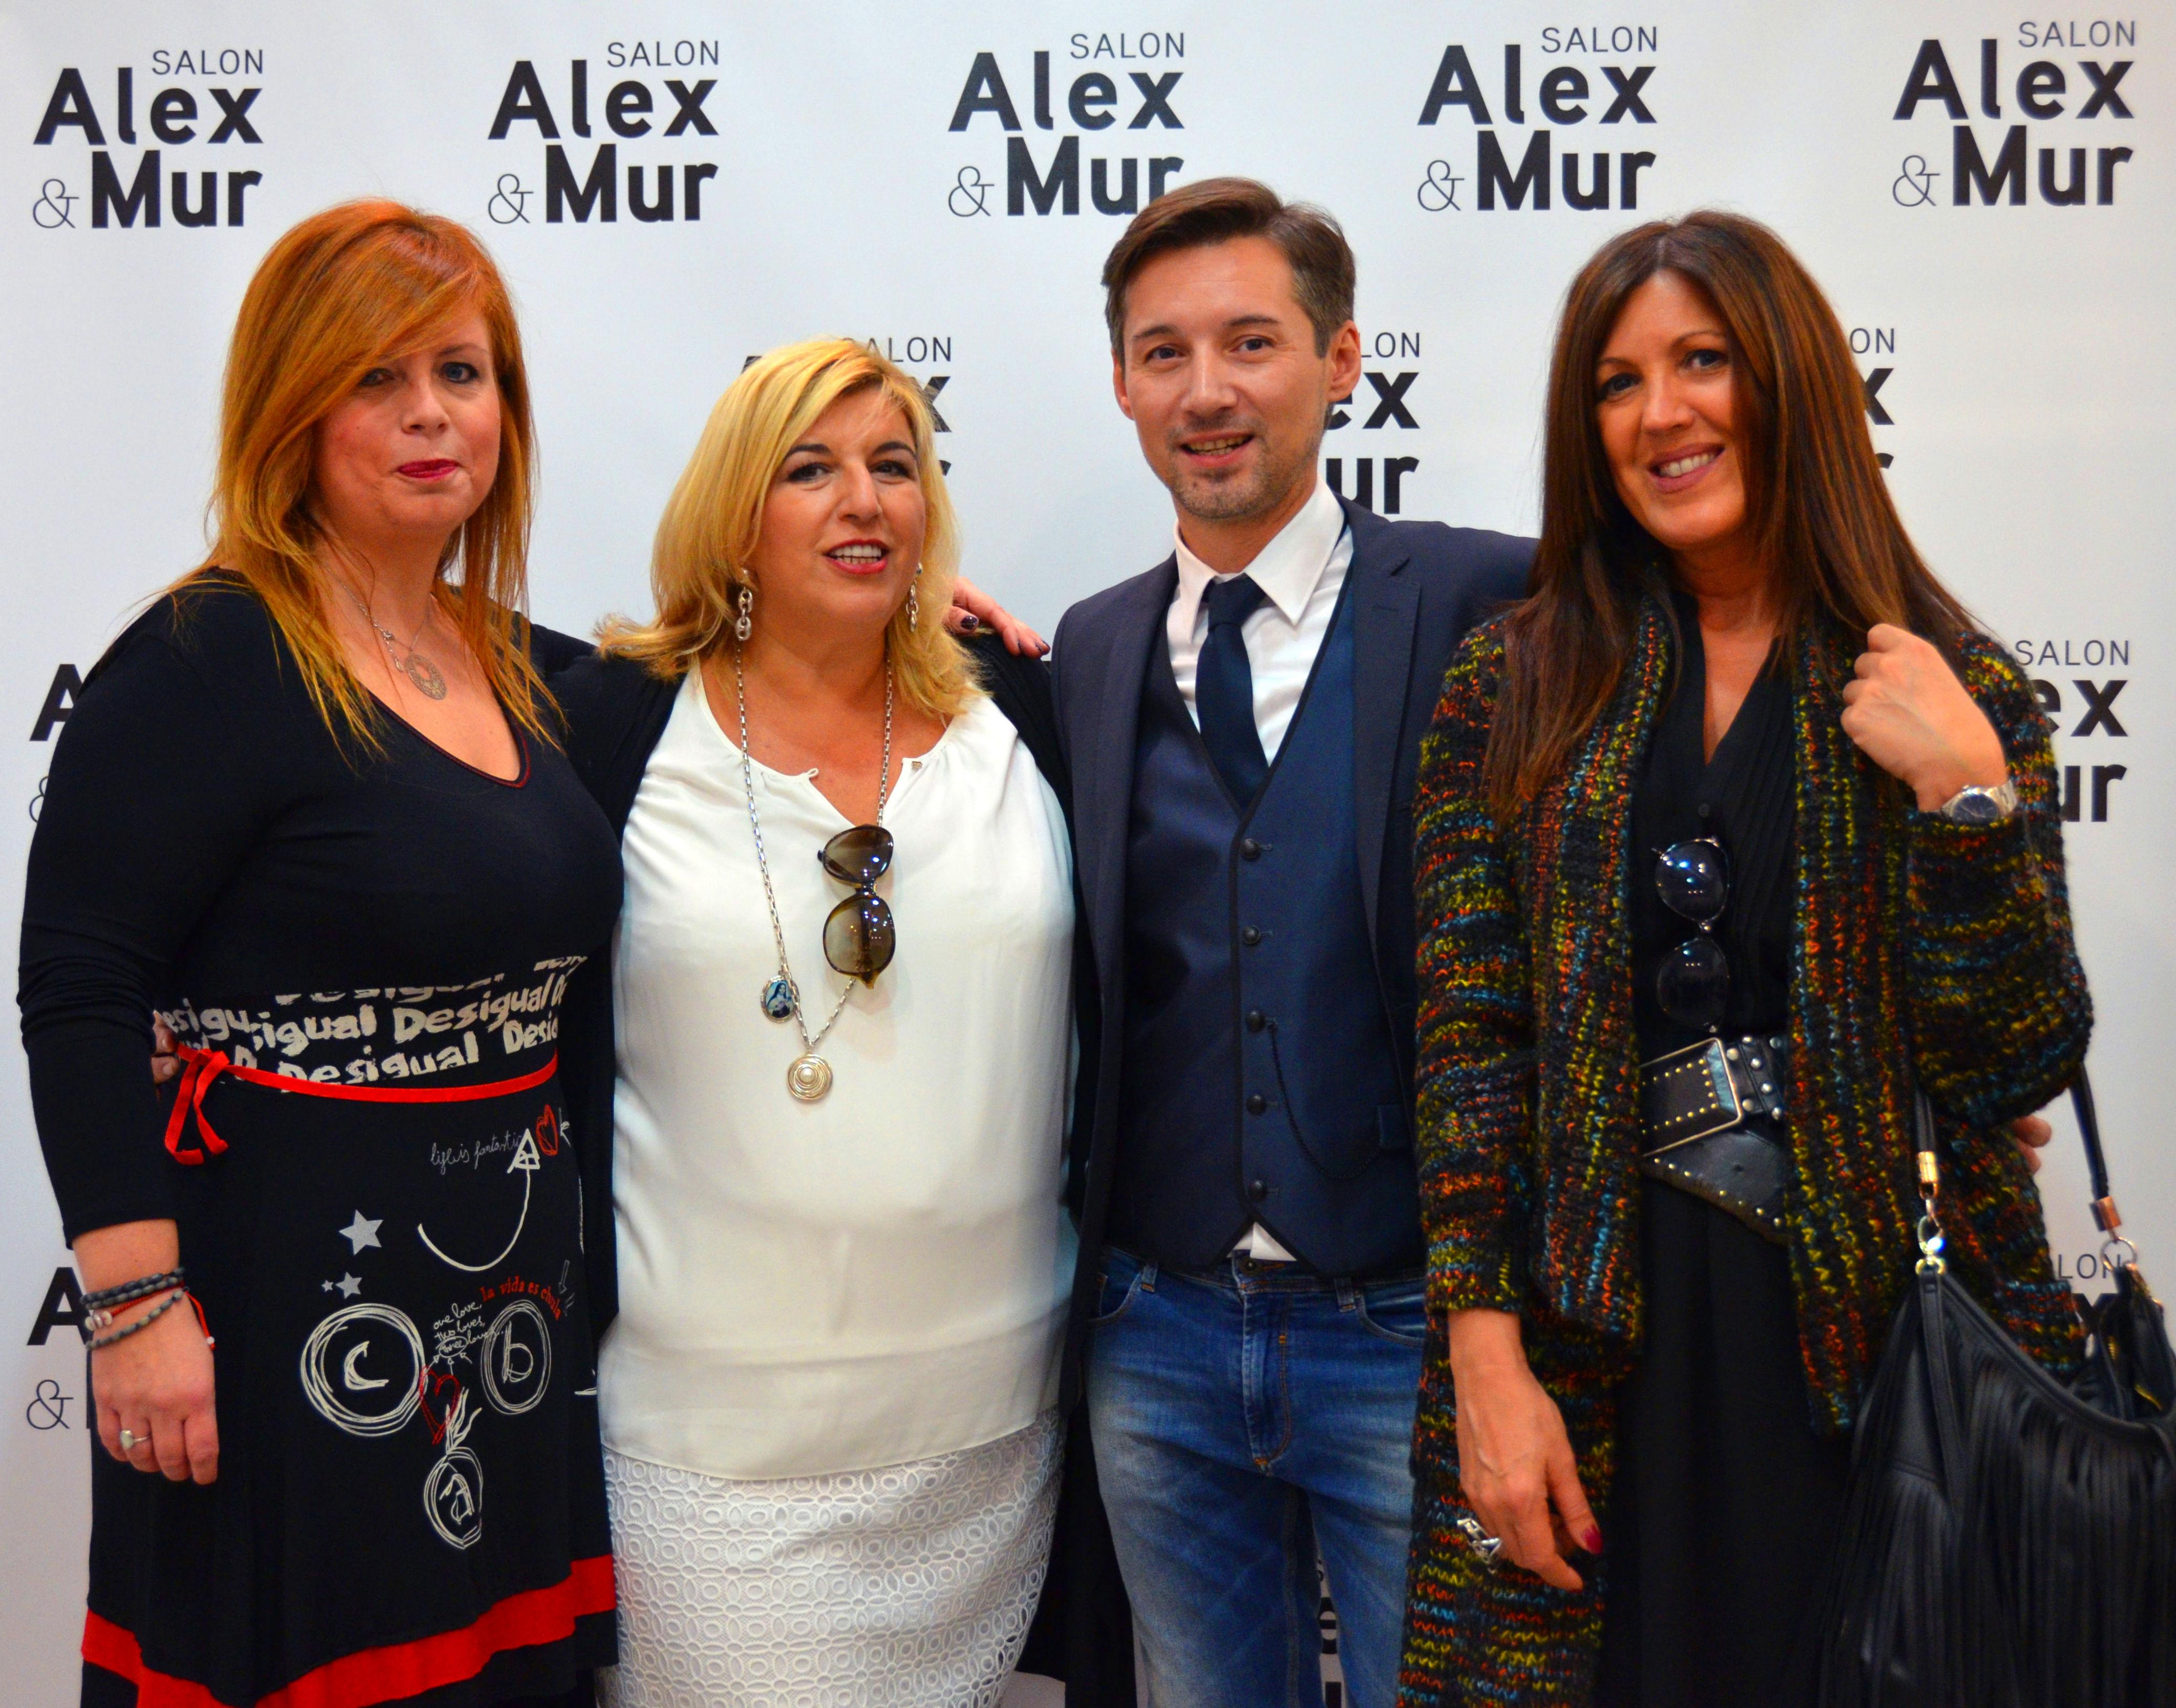 Foto 20 de Peluquerías en Madrid | Salón Alex & Mur